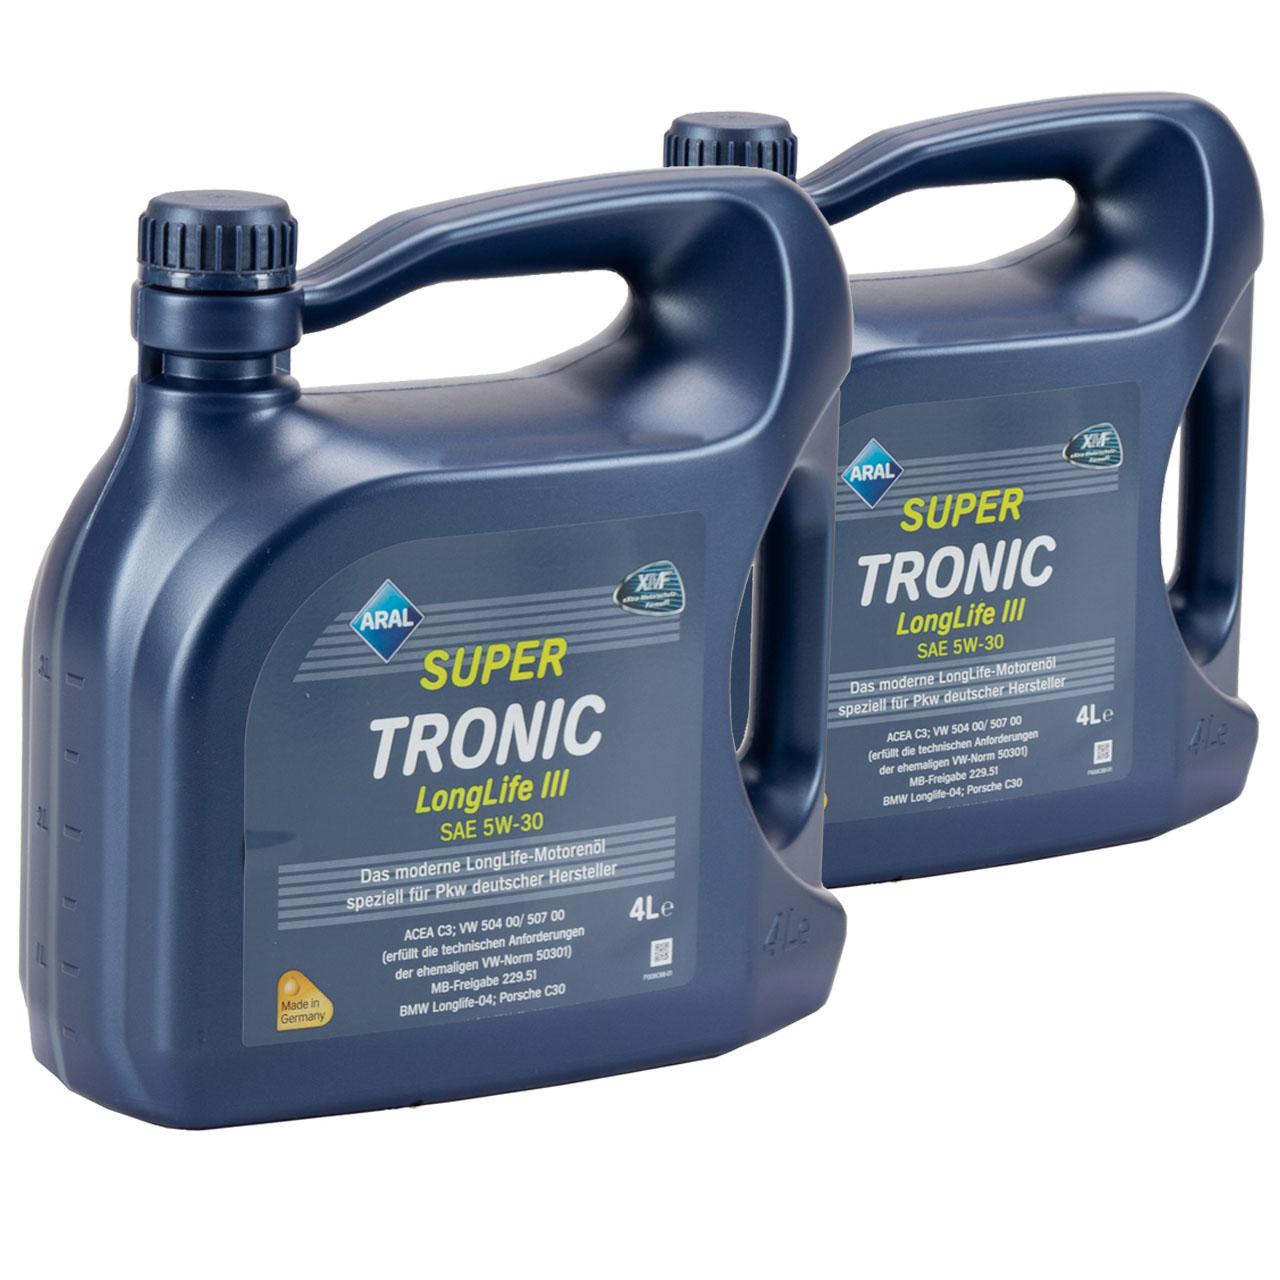 ARAL Motoröl Öl SUPER TRONIC LongLife III 5W30 für VW 504.00/507.00 - 8L 8 Liter